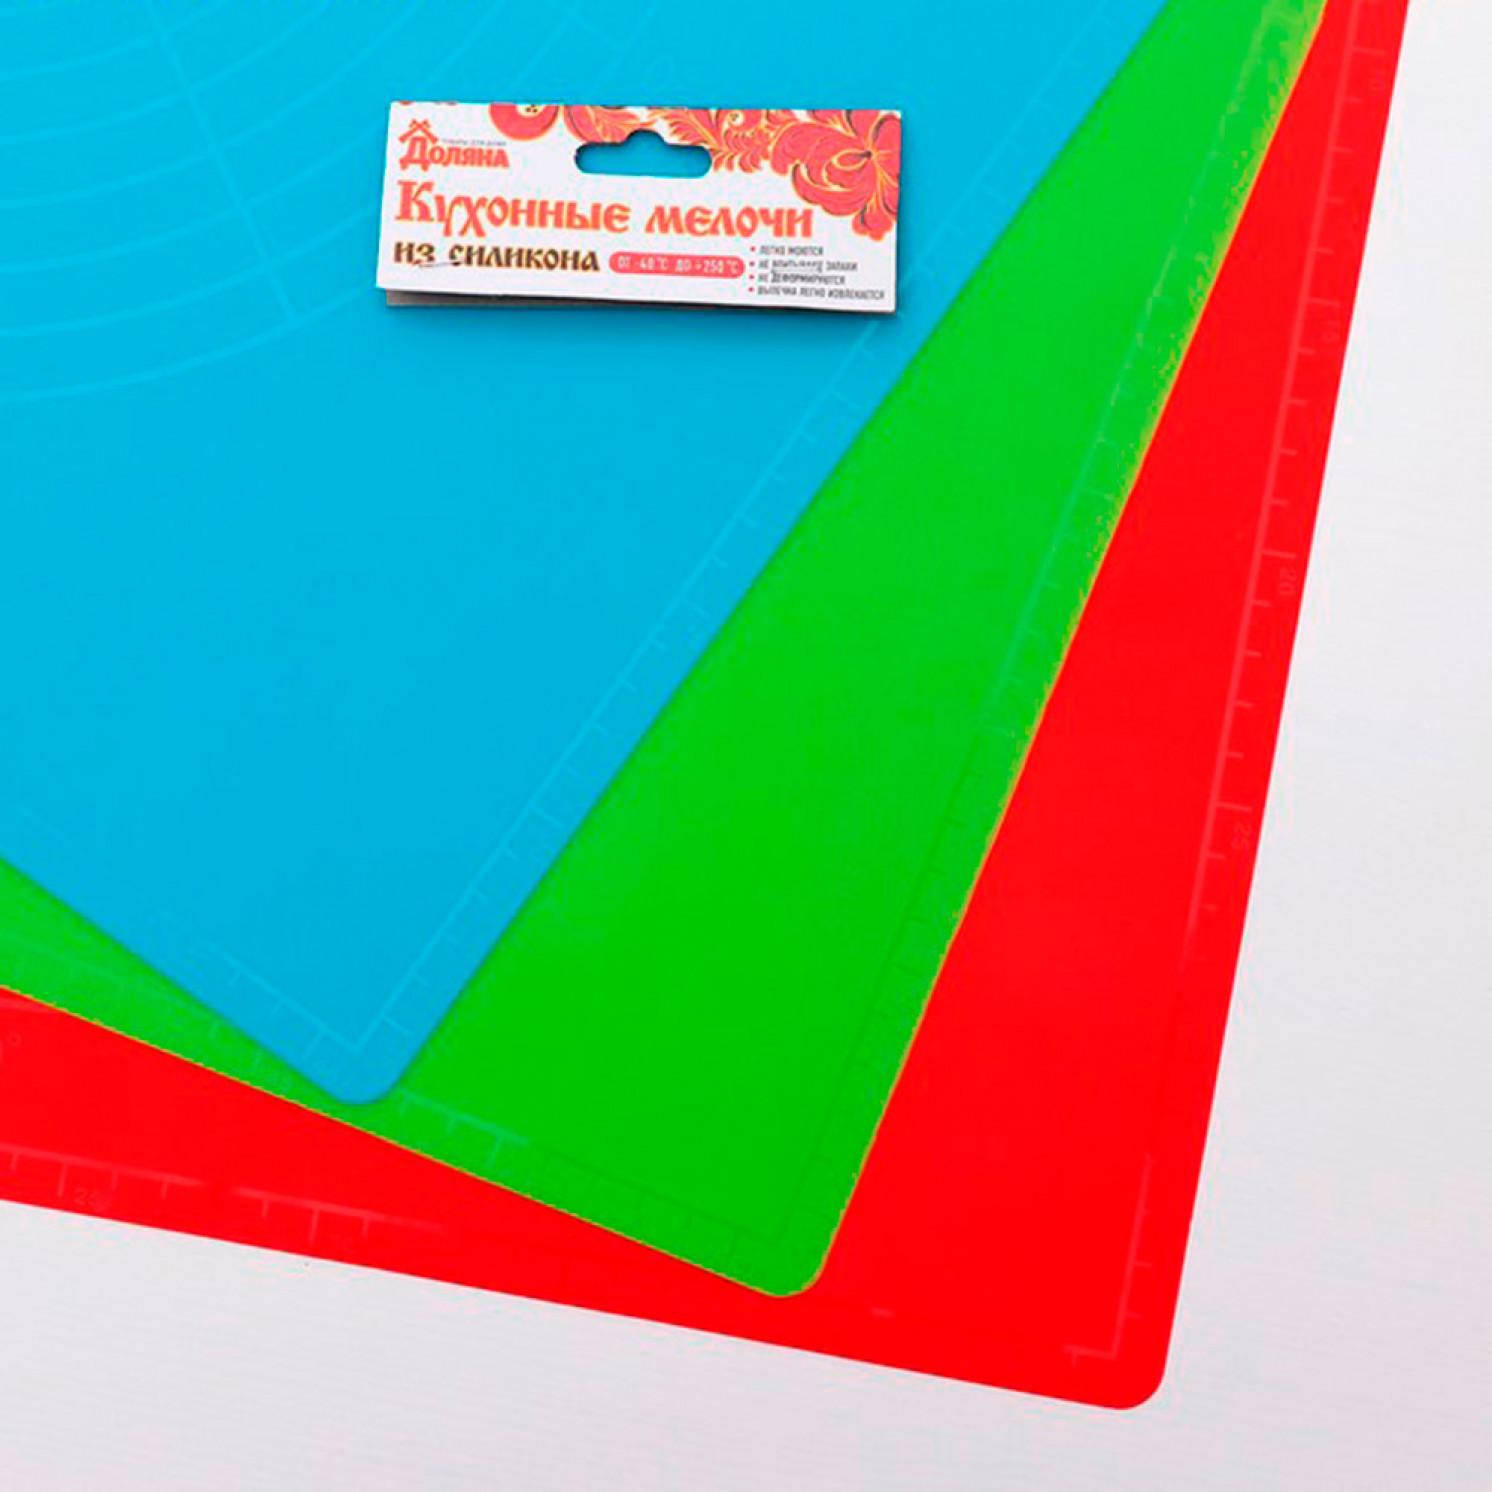 Коврик с разлиновкой «Буссен», 49×39 см, цвет МИКС